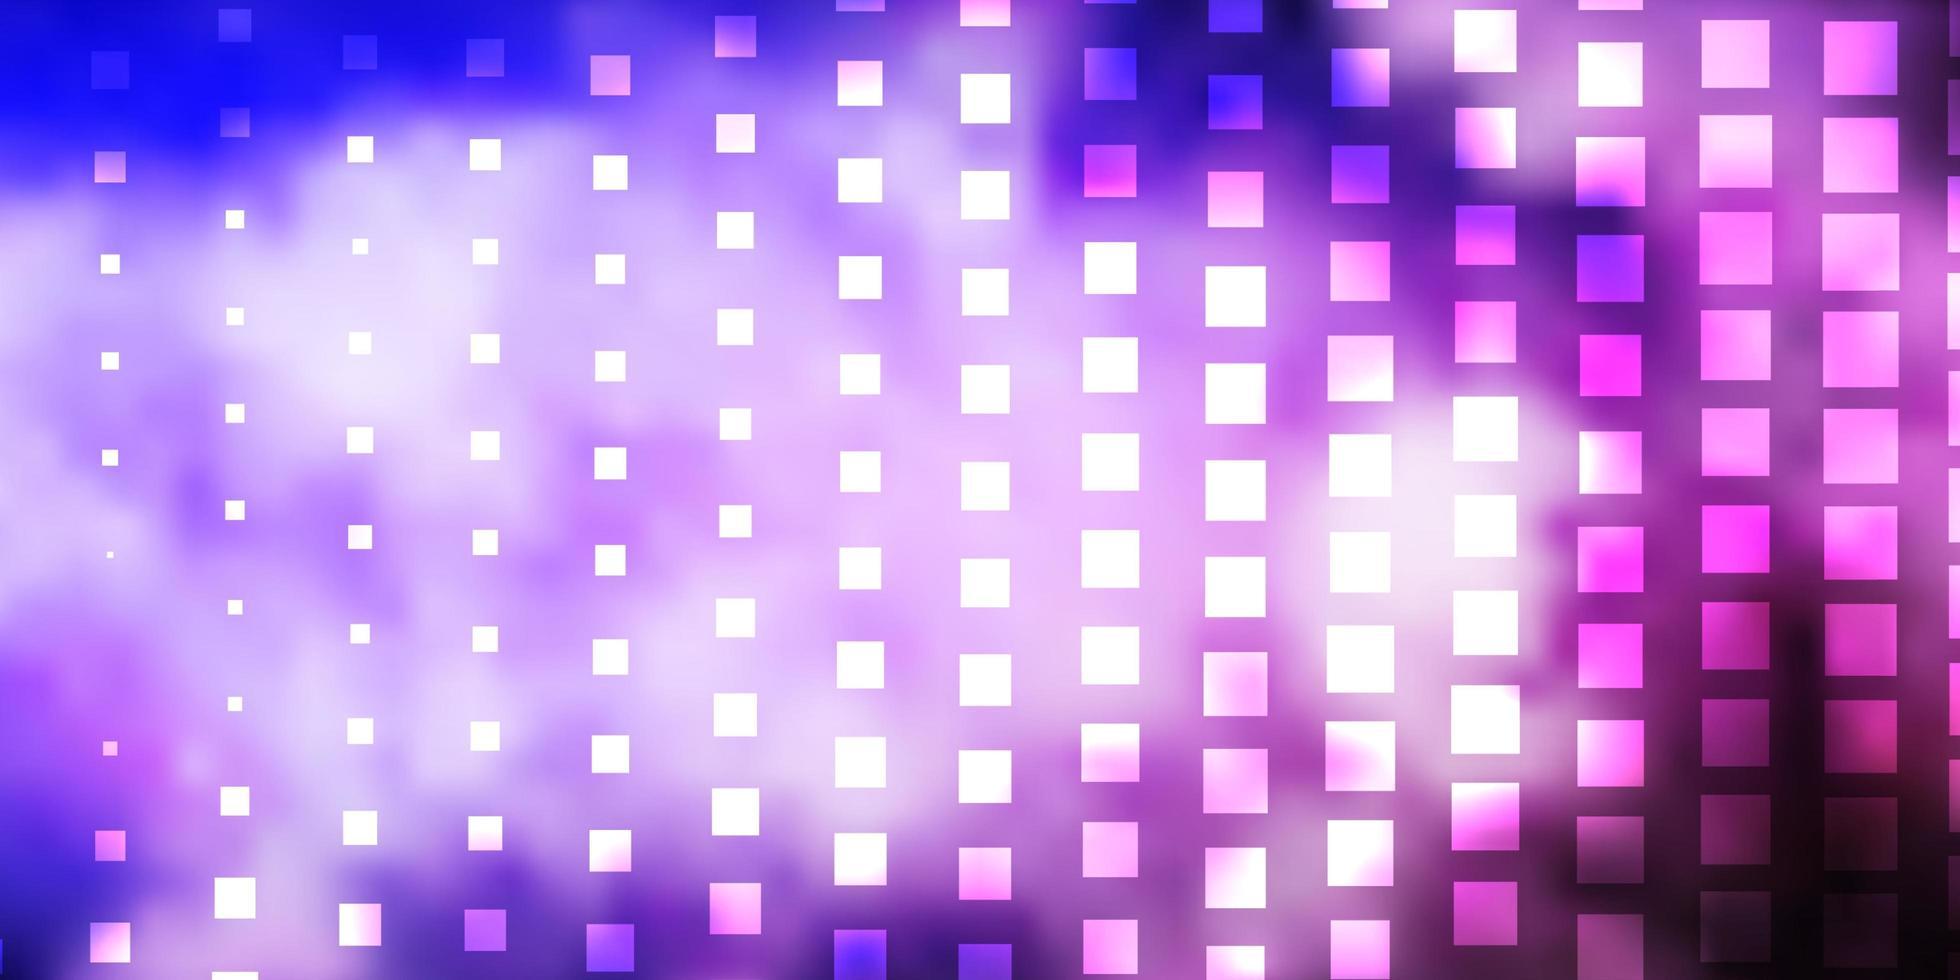 lila Hintergrund mit Rechtecken. vektor